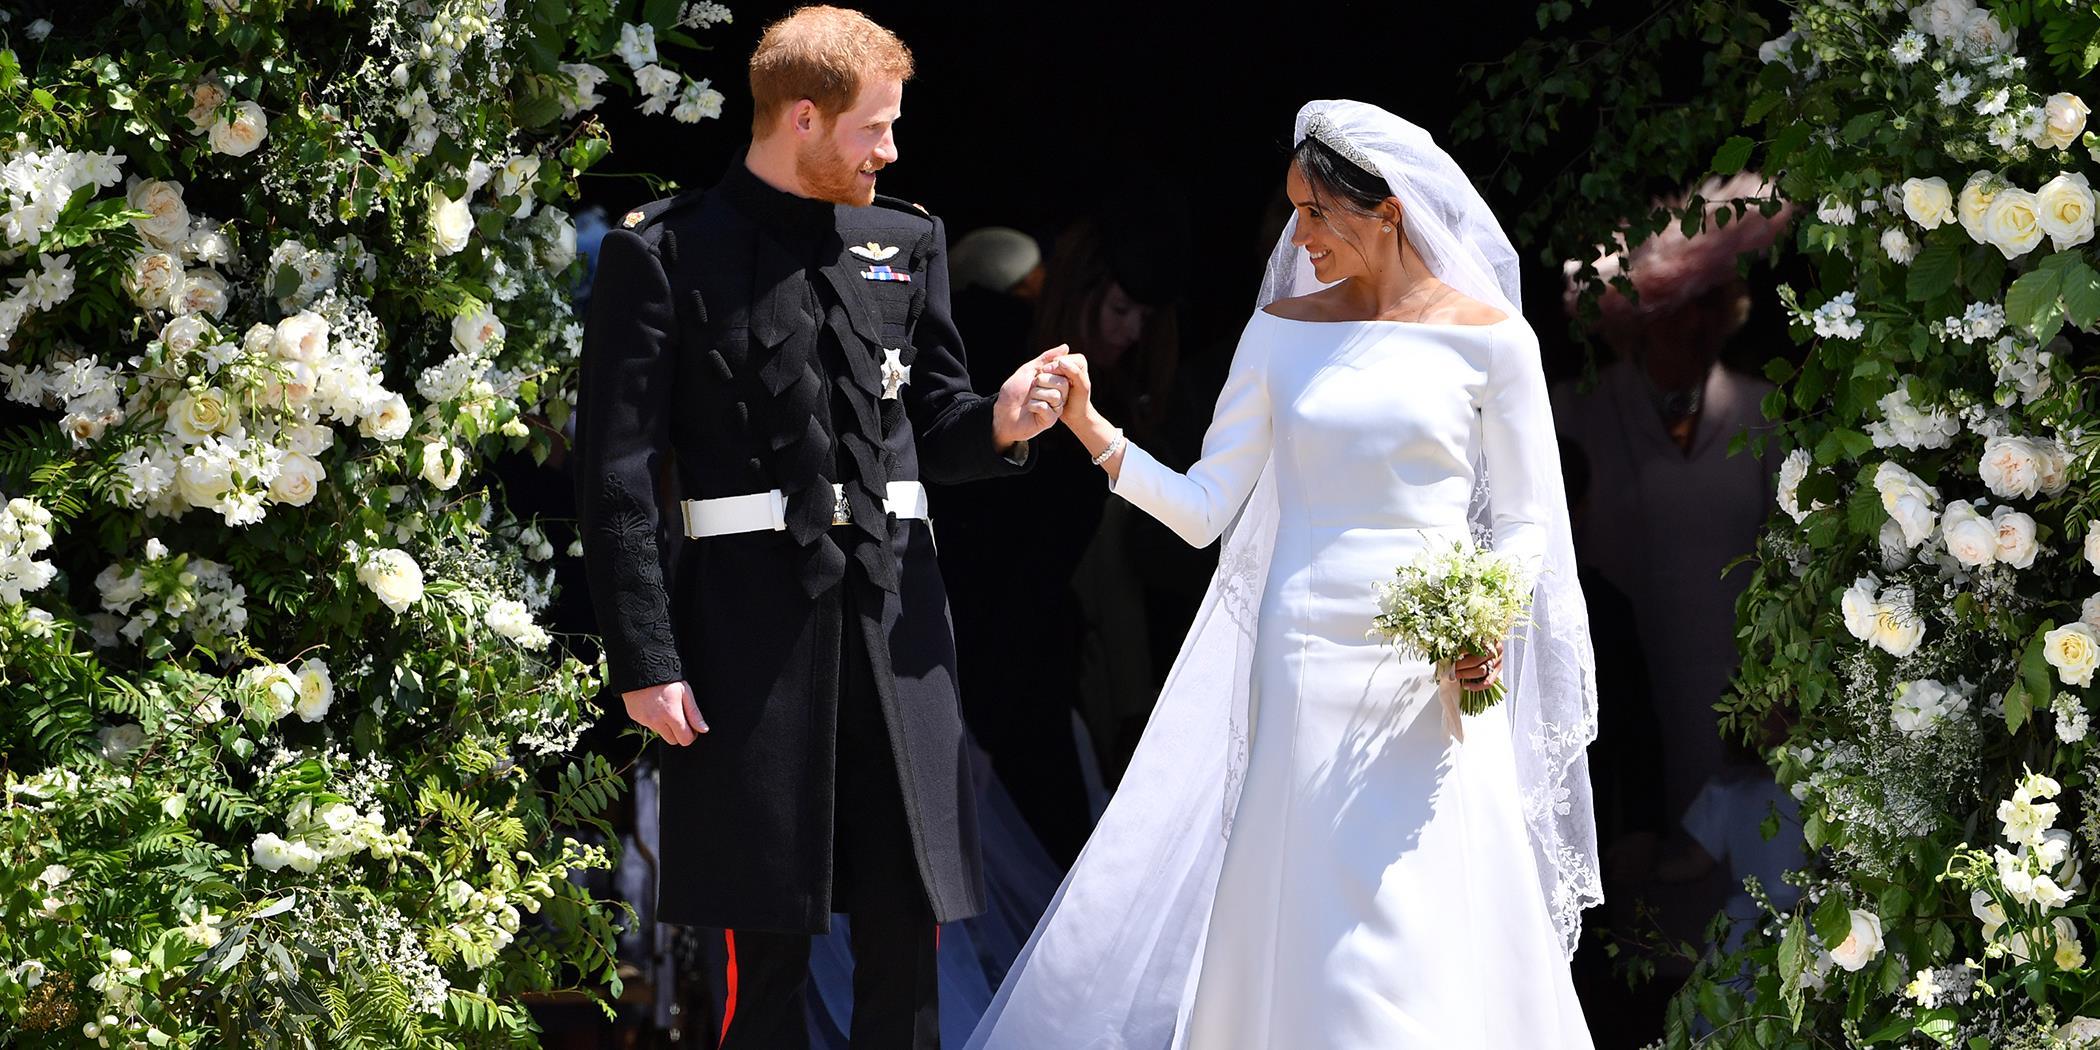 Sophie német hercegnő esküvői ruhája a megszólalásig hasonlított Meghan  Markle-ére 3a09dcc34e